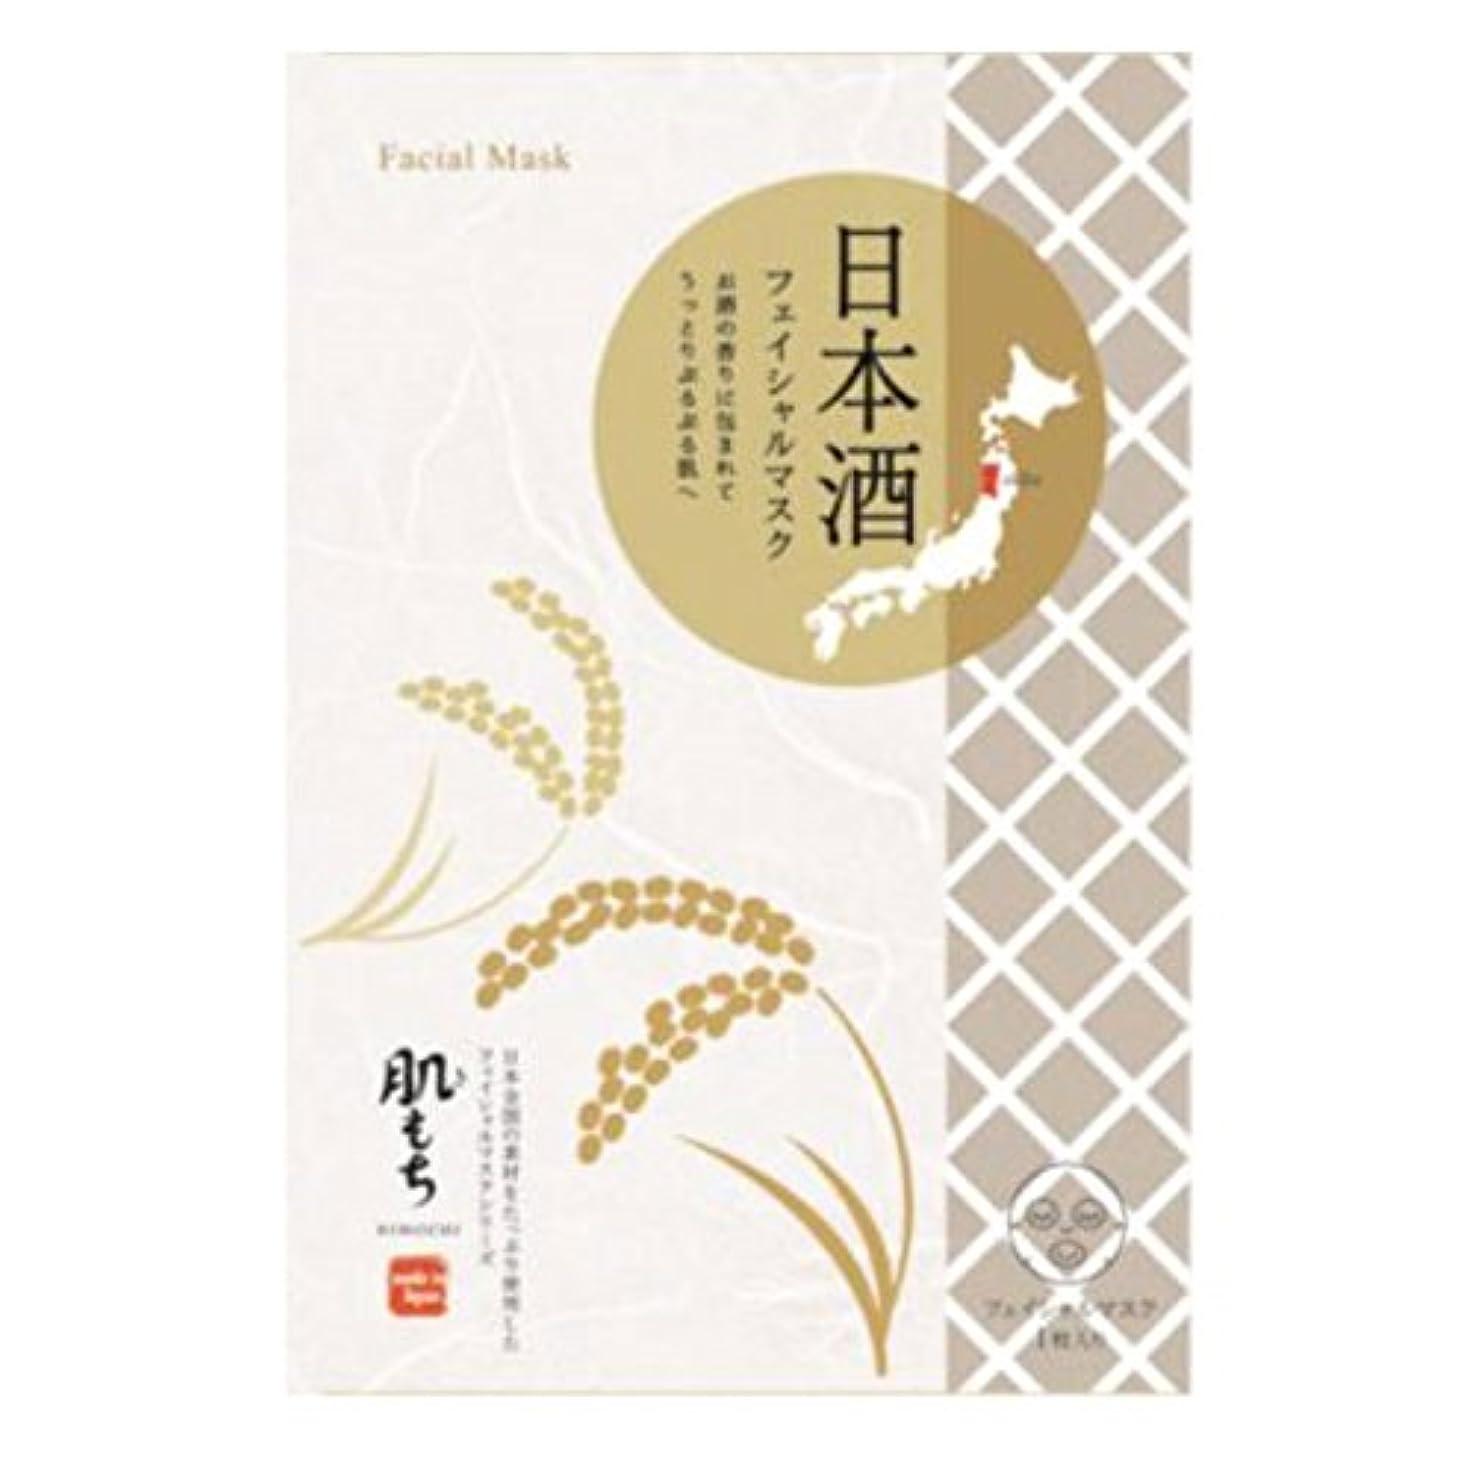 高揚したカウント倒産肌もち(きもち) フェイシャルマスク 日本酒(1枚20ml) 5枚セット